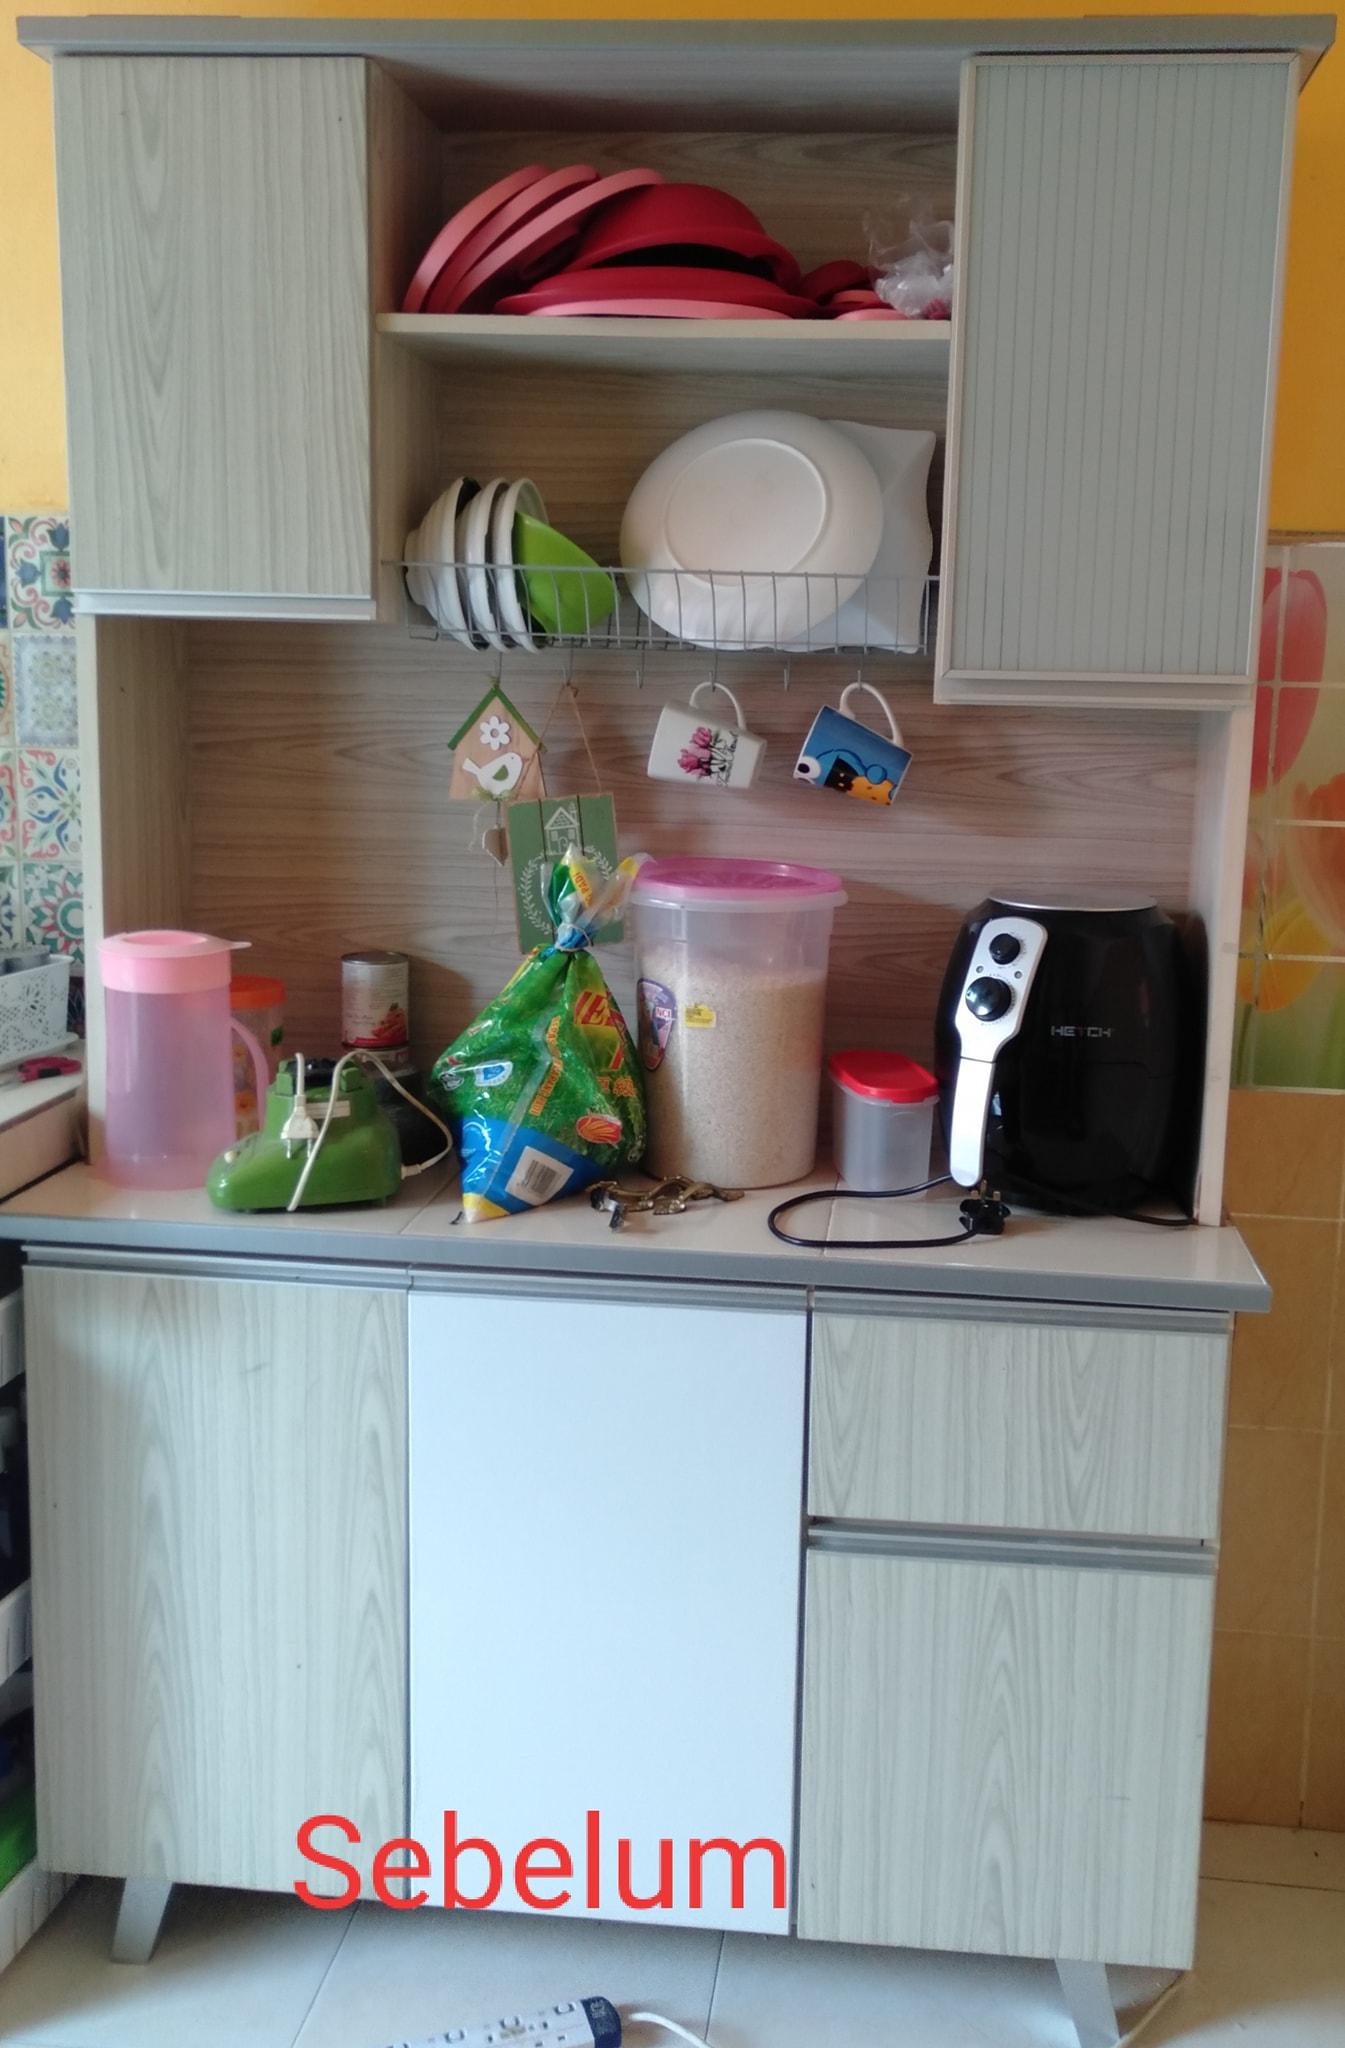 D.I.Y Kabinet Dapur, Mudah Tempah Pintu Dekat Shopee Tinggal Pasang Je 7